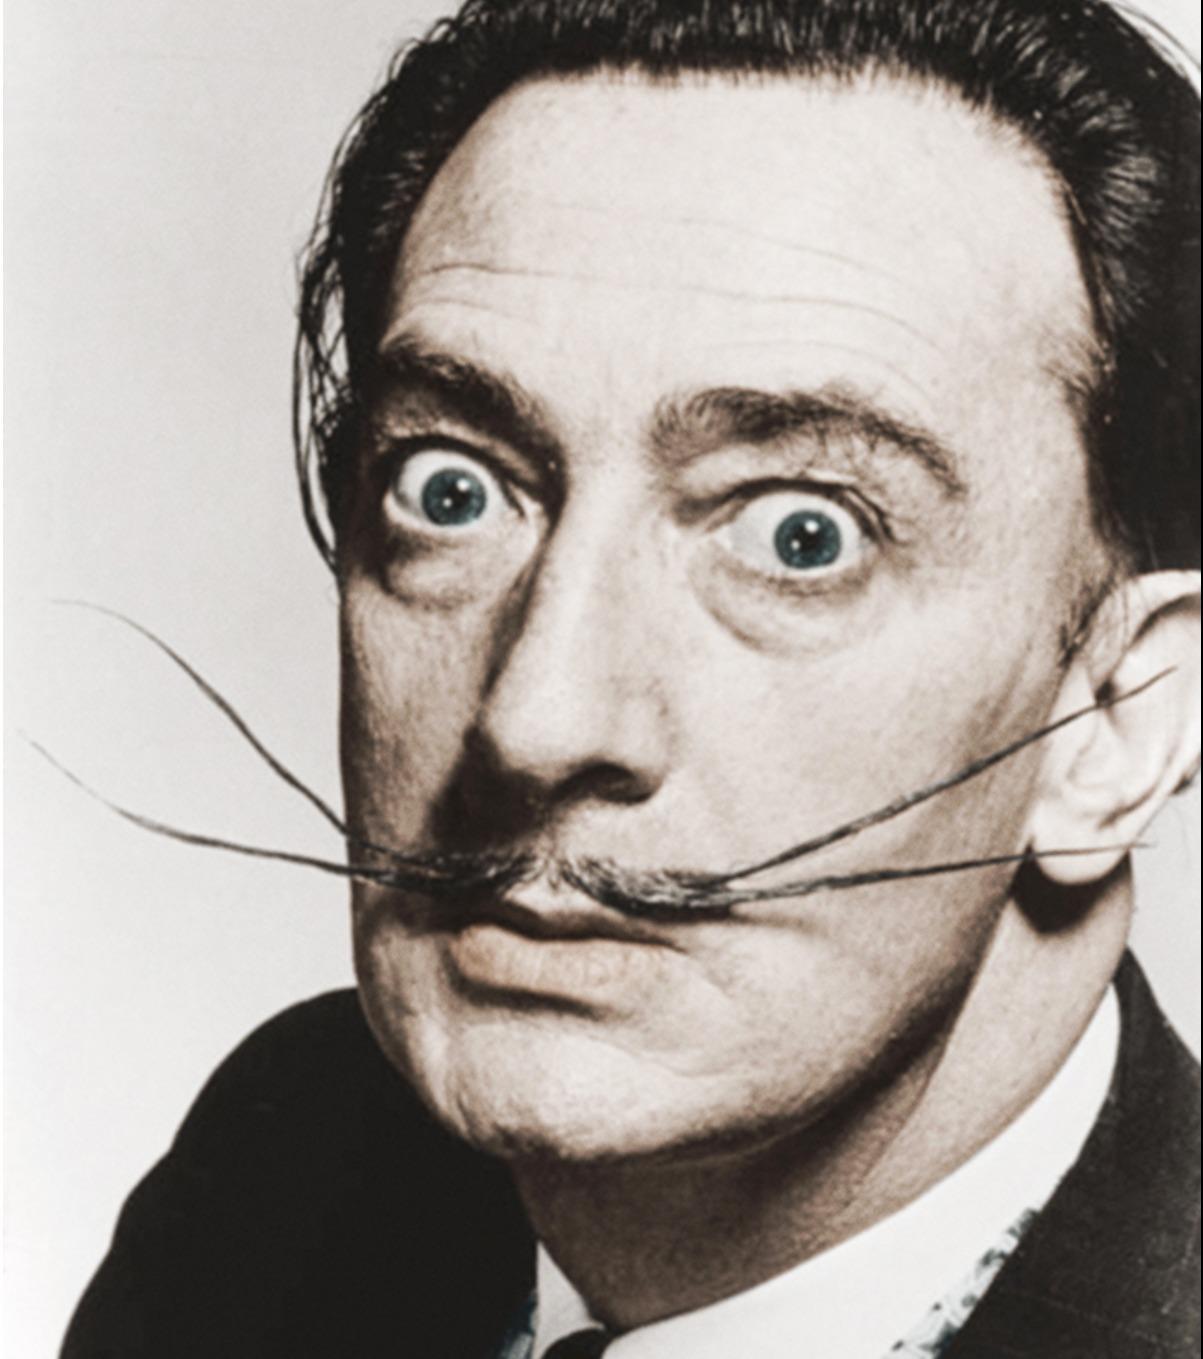 Salvador Dalí, vertigine pura, apoteosi dell'uomo e dell'artista